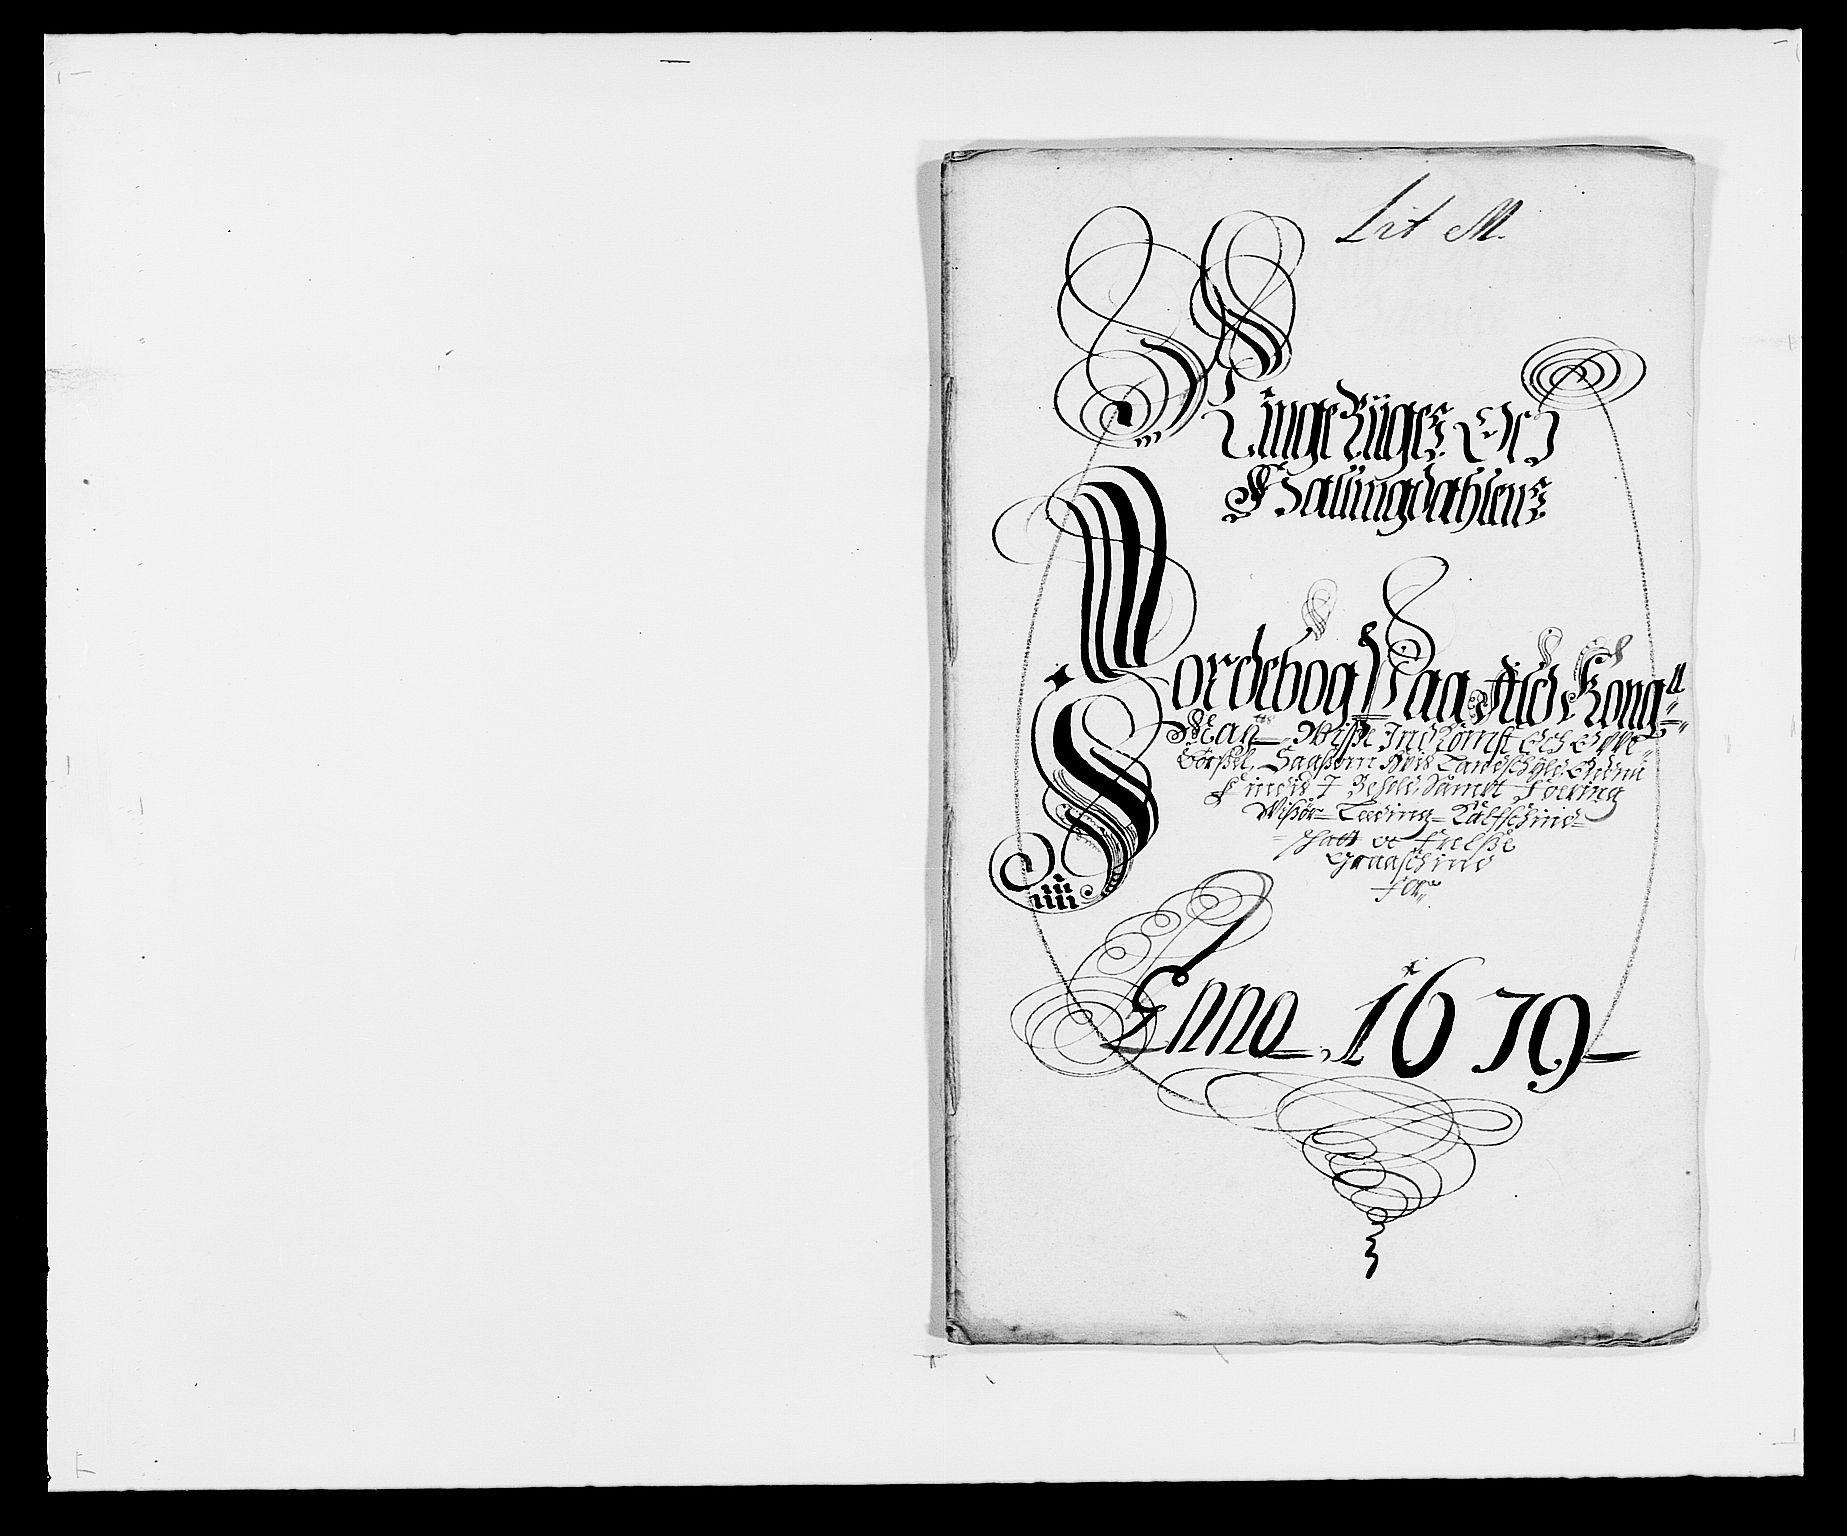 RA, Rentekammeret inntil 1814, Reviderte regnskaper, Fogderegnskap, R21/L1443: Fogderegnskap Ringerike og Hallingdal, 1678-1680, s. 217